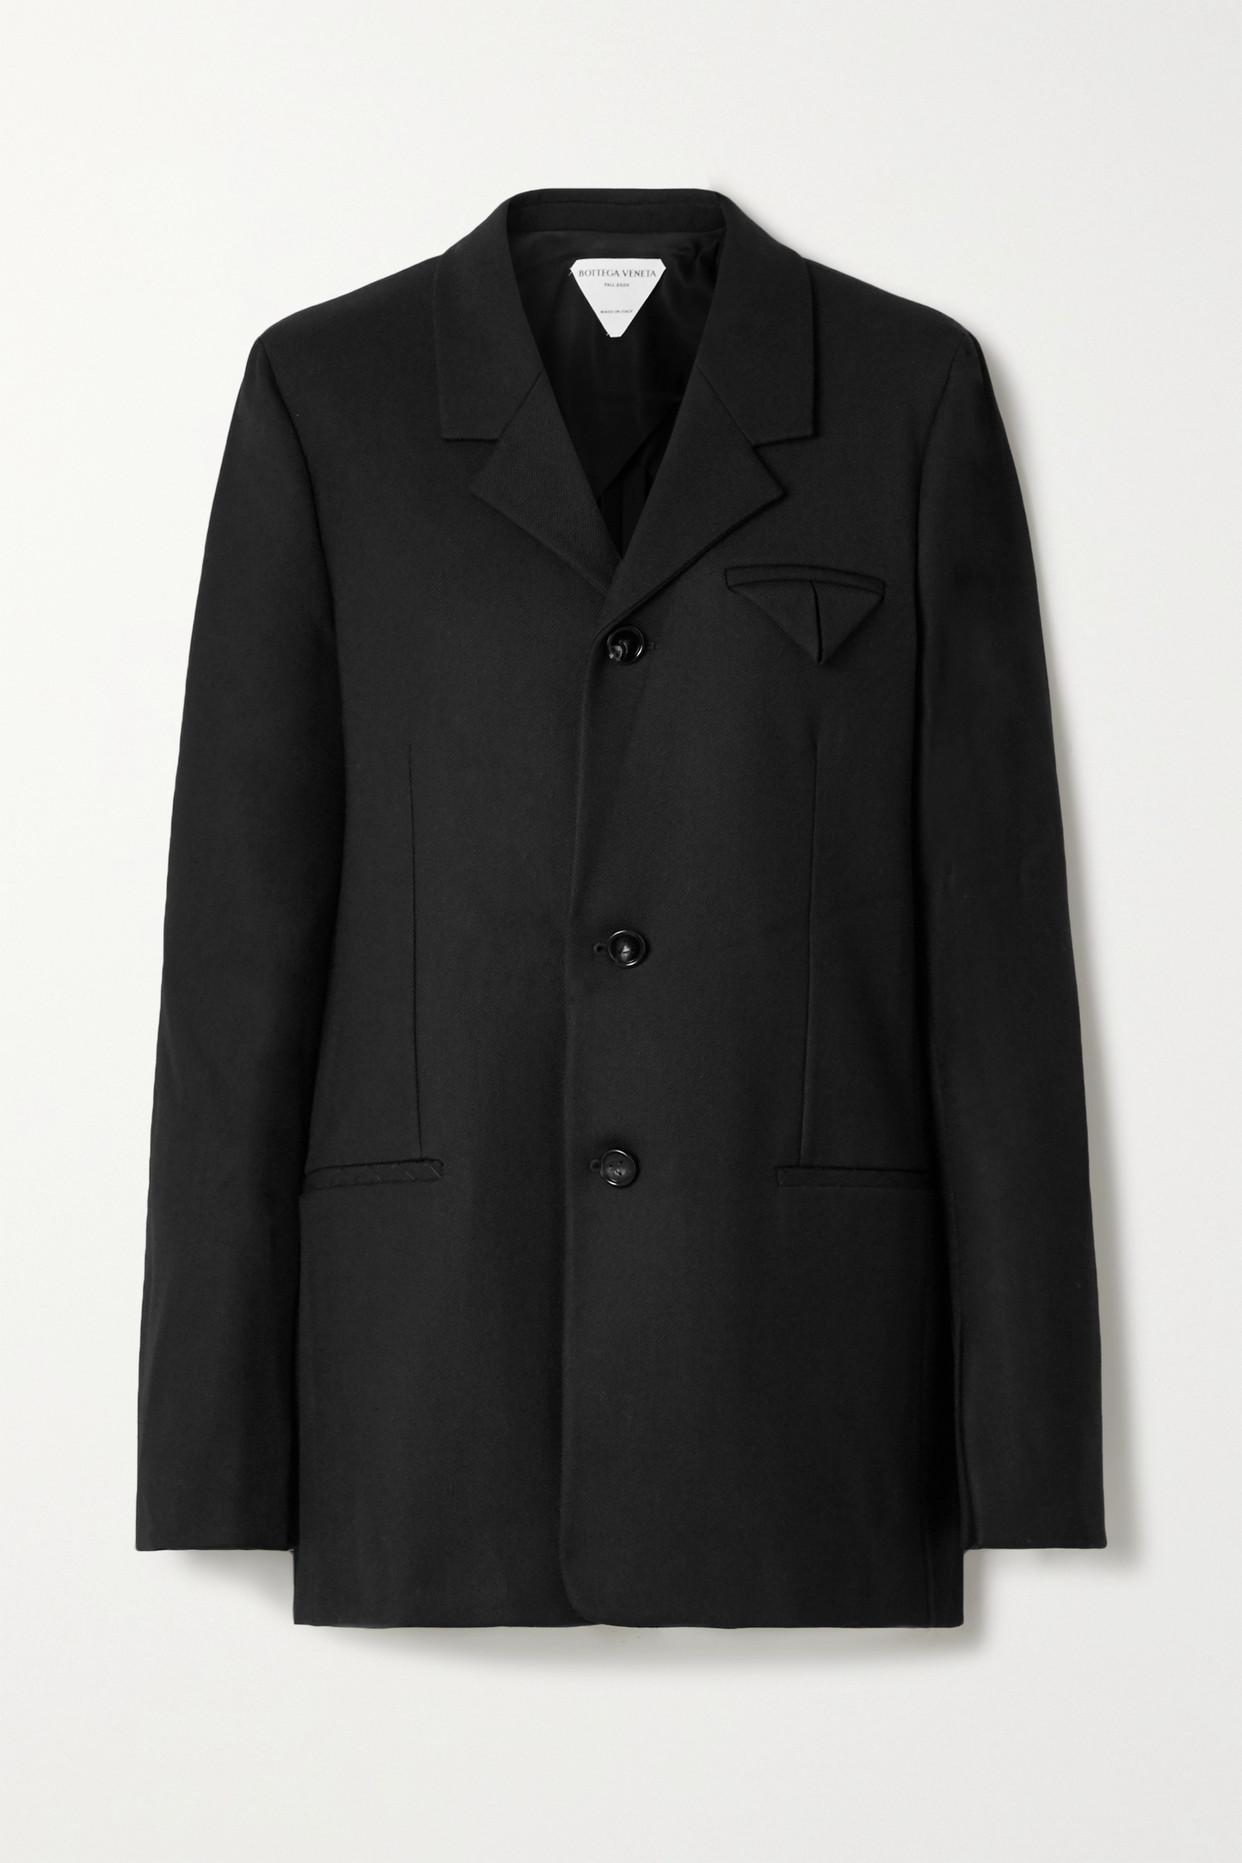 BOTTEGA VENETA - 斜纹布西装外套 - 黑色 - IT42